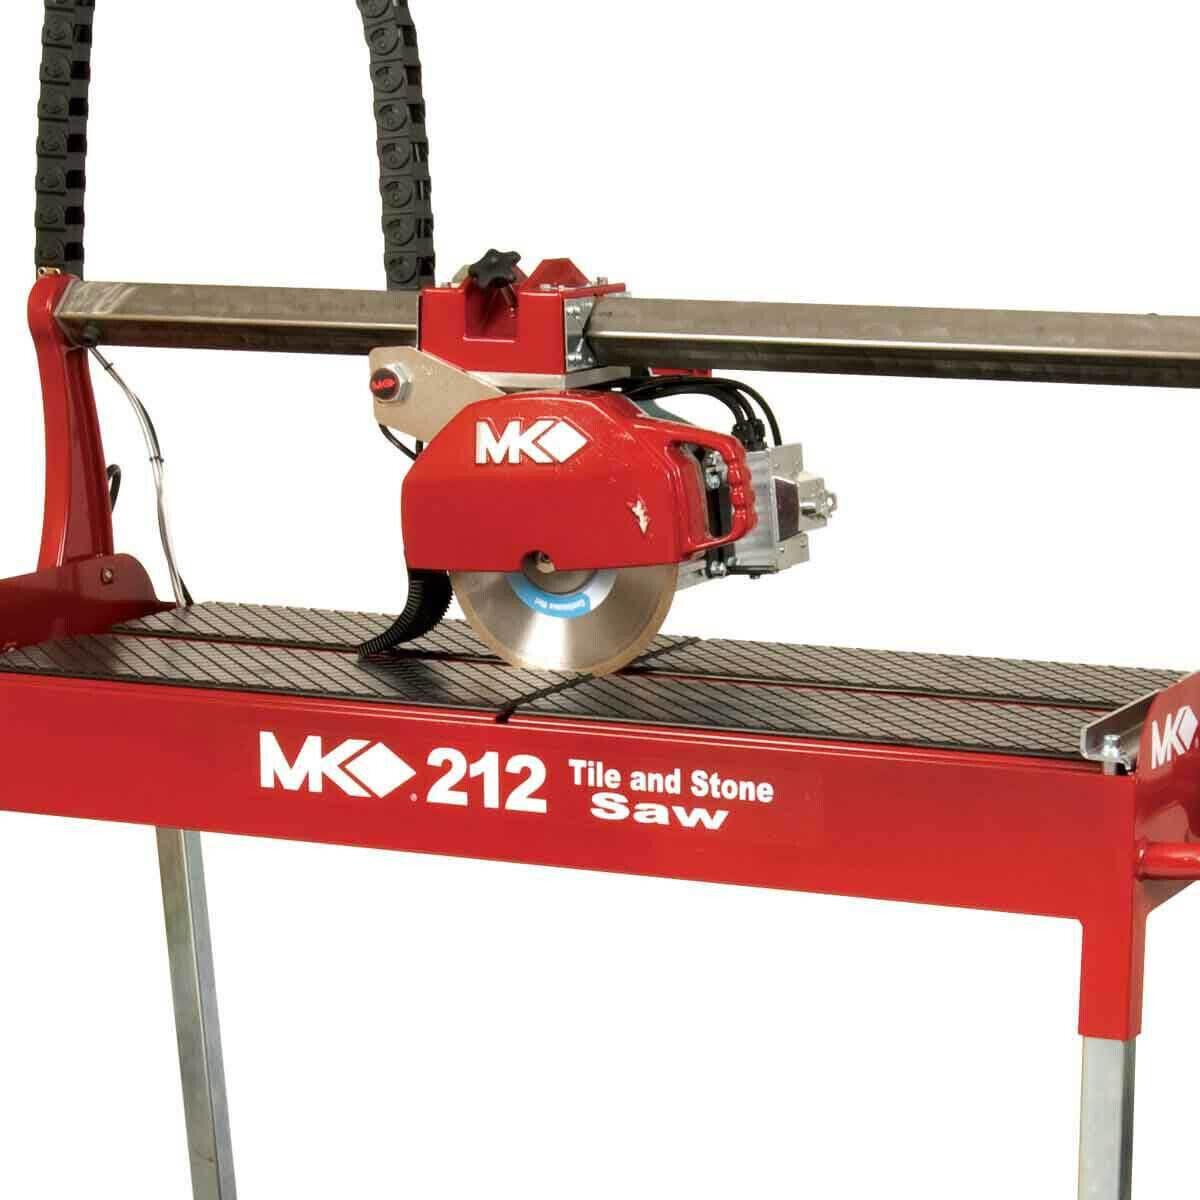 mk 212 wet tile saw side